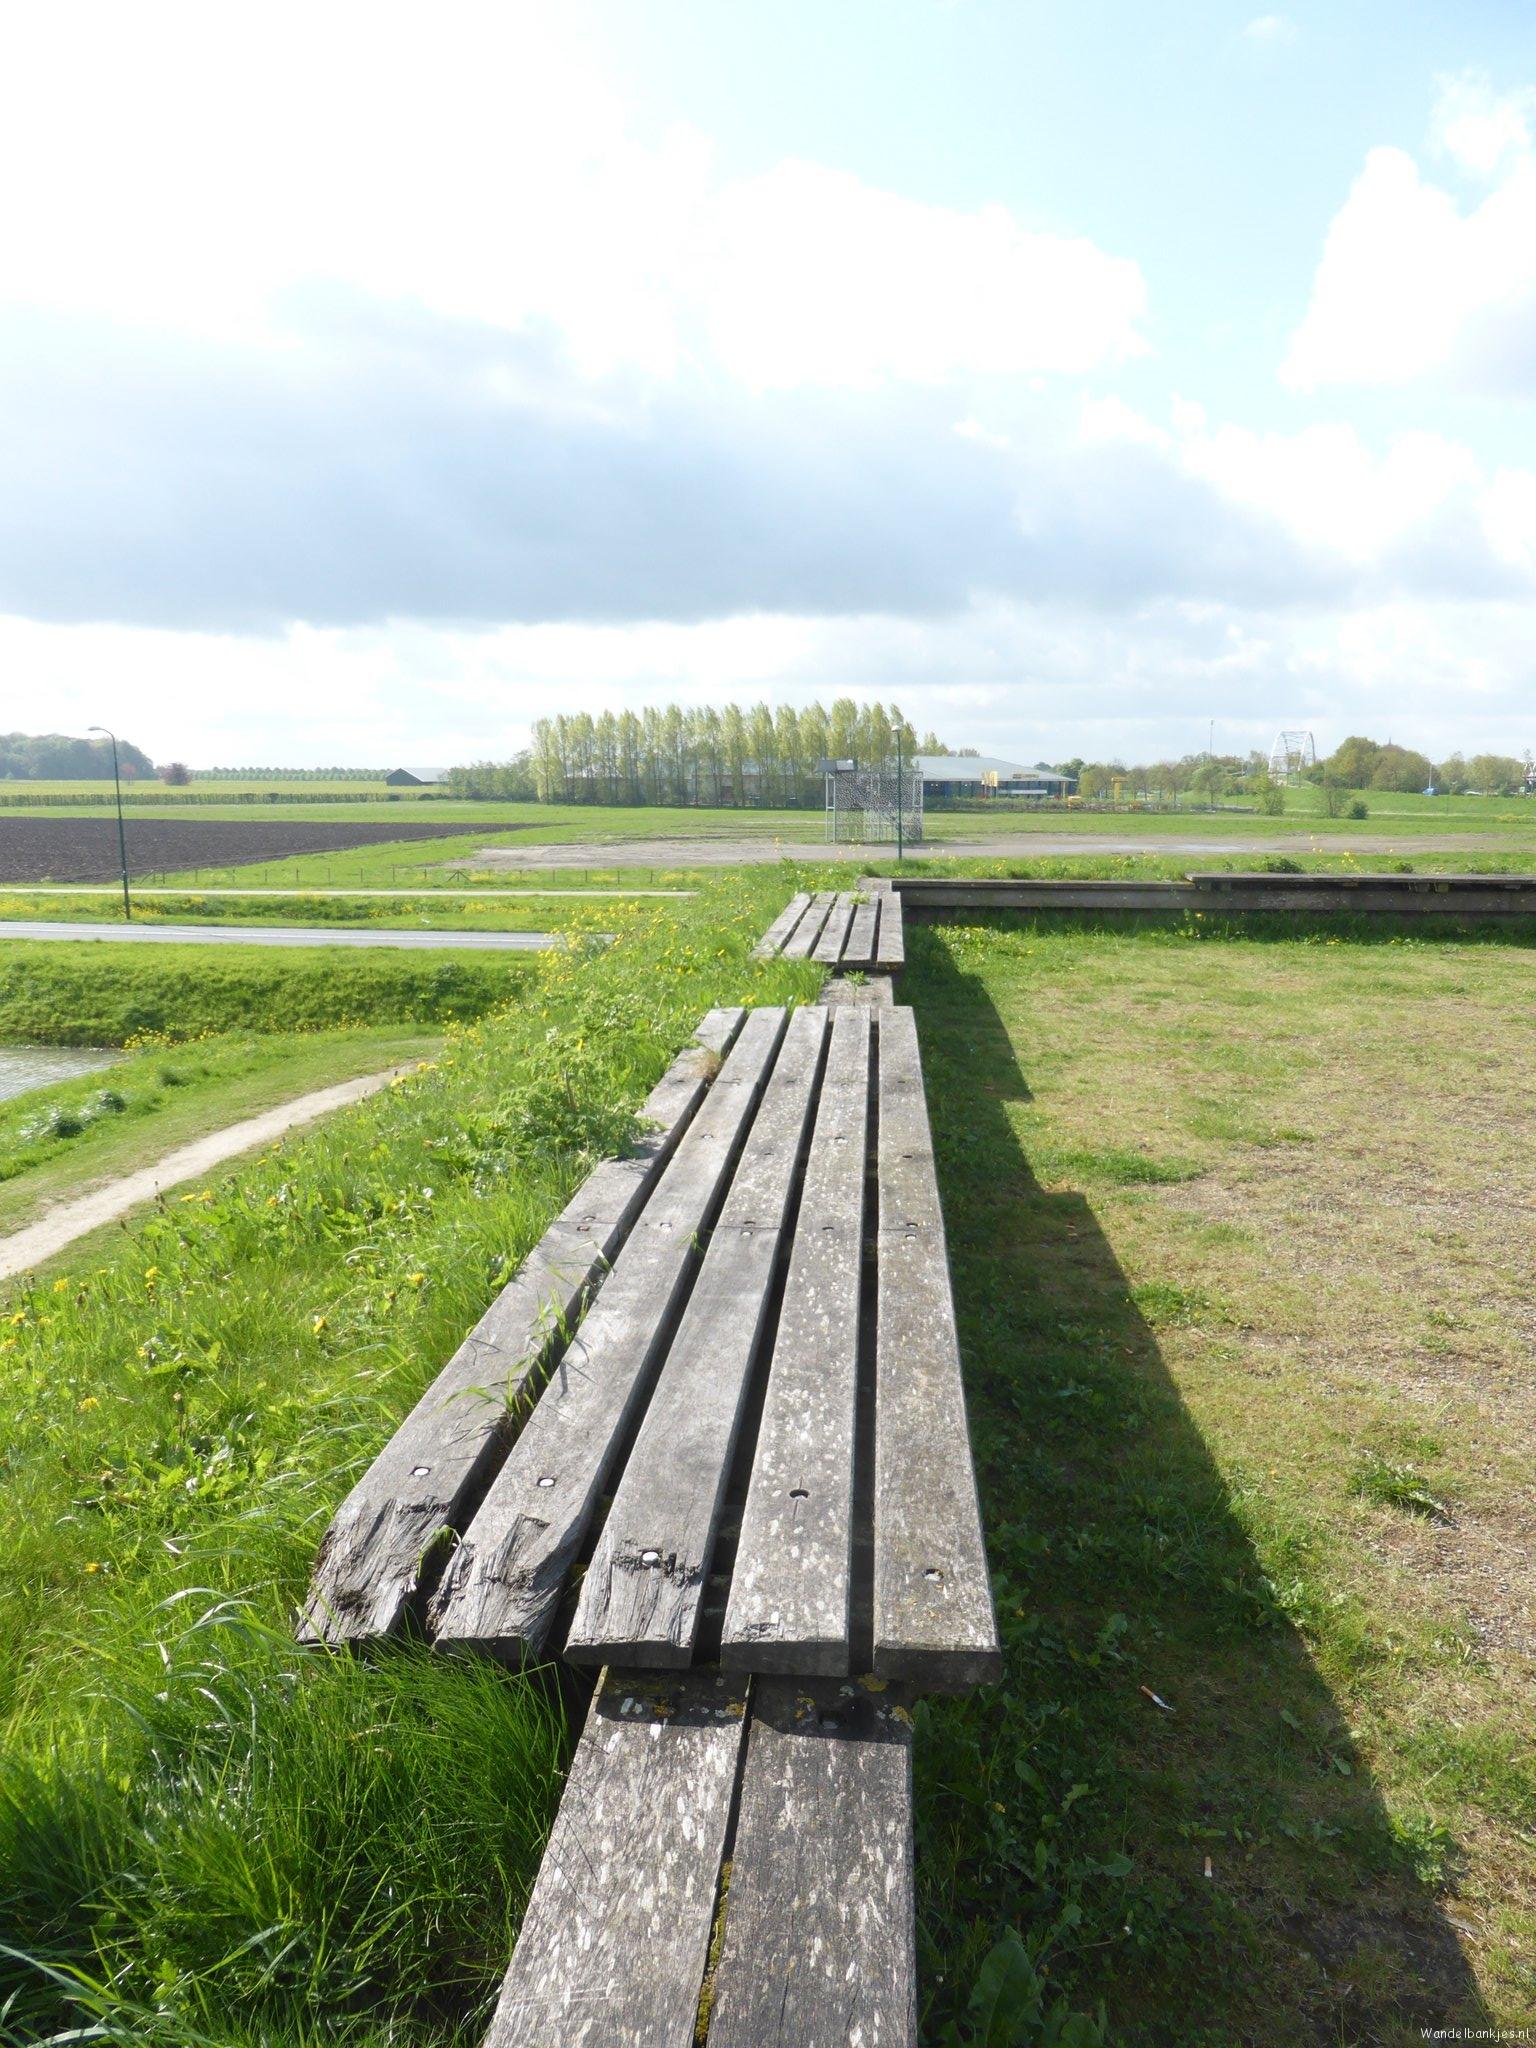 rt-willemwandelt-endless-sessenthen-holland-utrecht-wooden-walking-wanderlust-walking-benches-walking-benches-https-t-co-rk1e